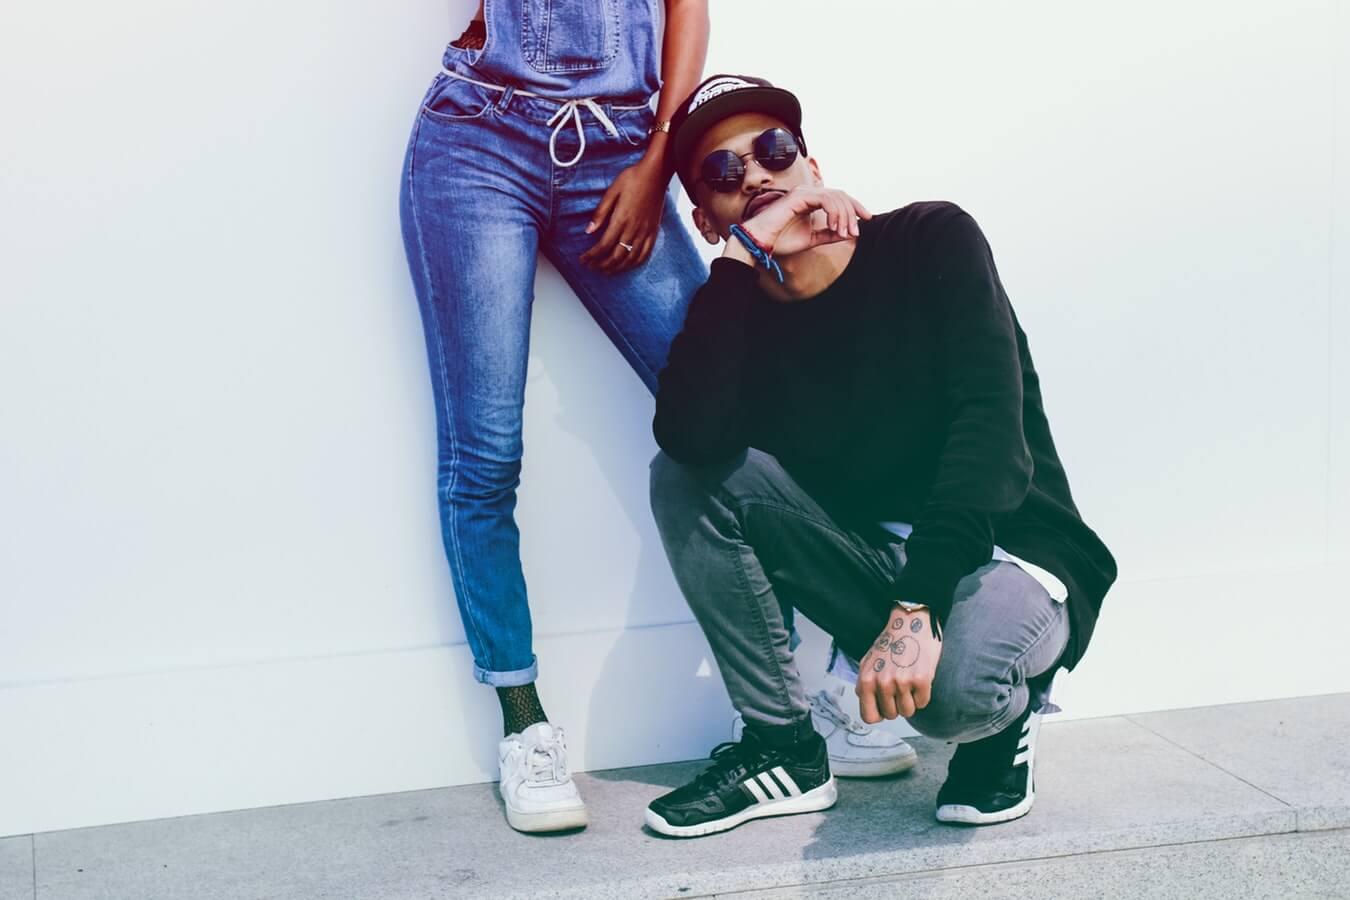 10 Best Dress Sneakers Reviewed & Rated in 2019 | WalkJogRun